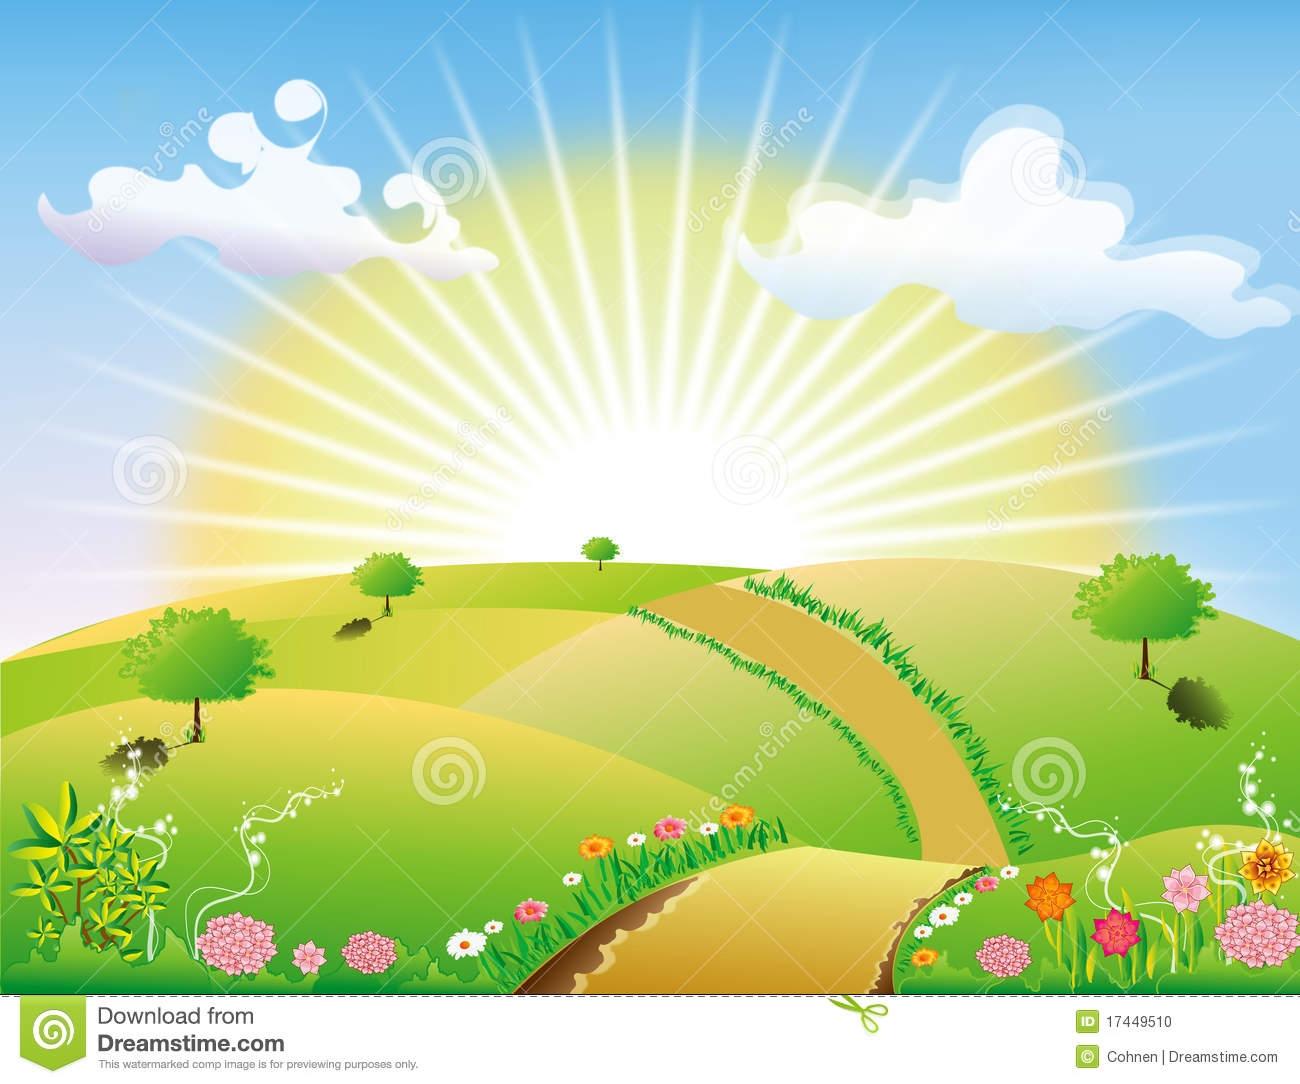 Nature images clip art.